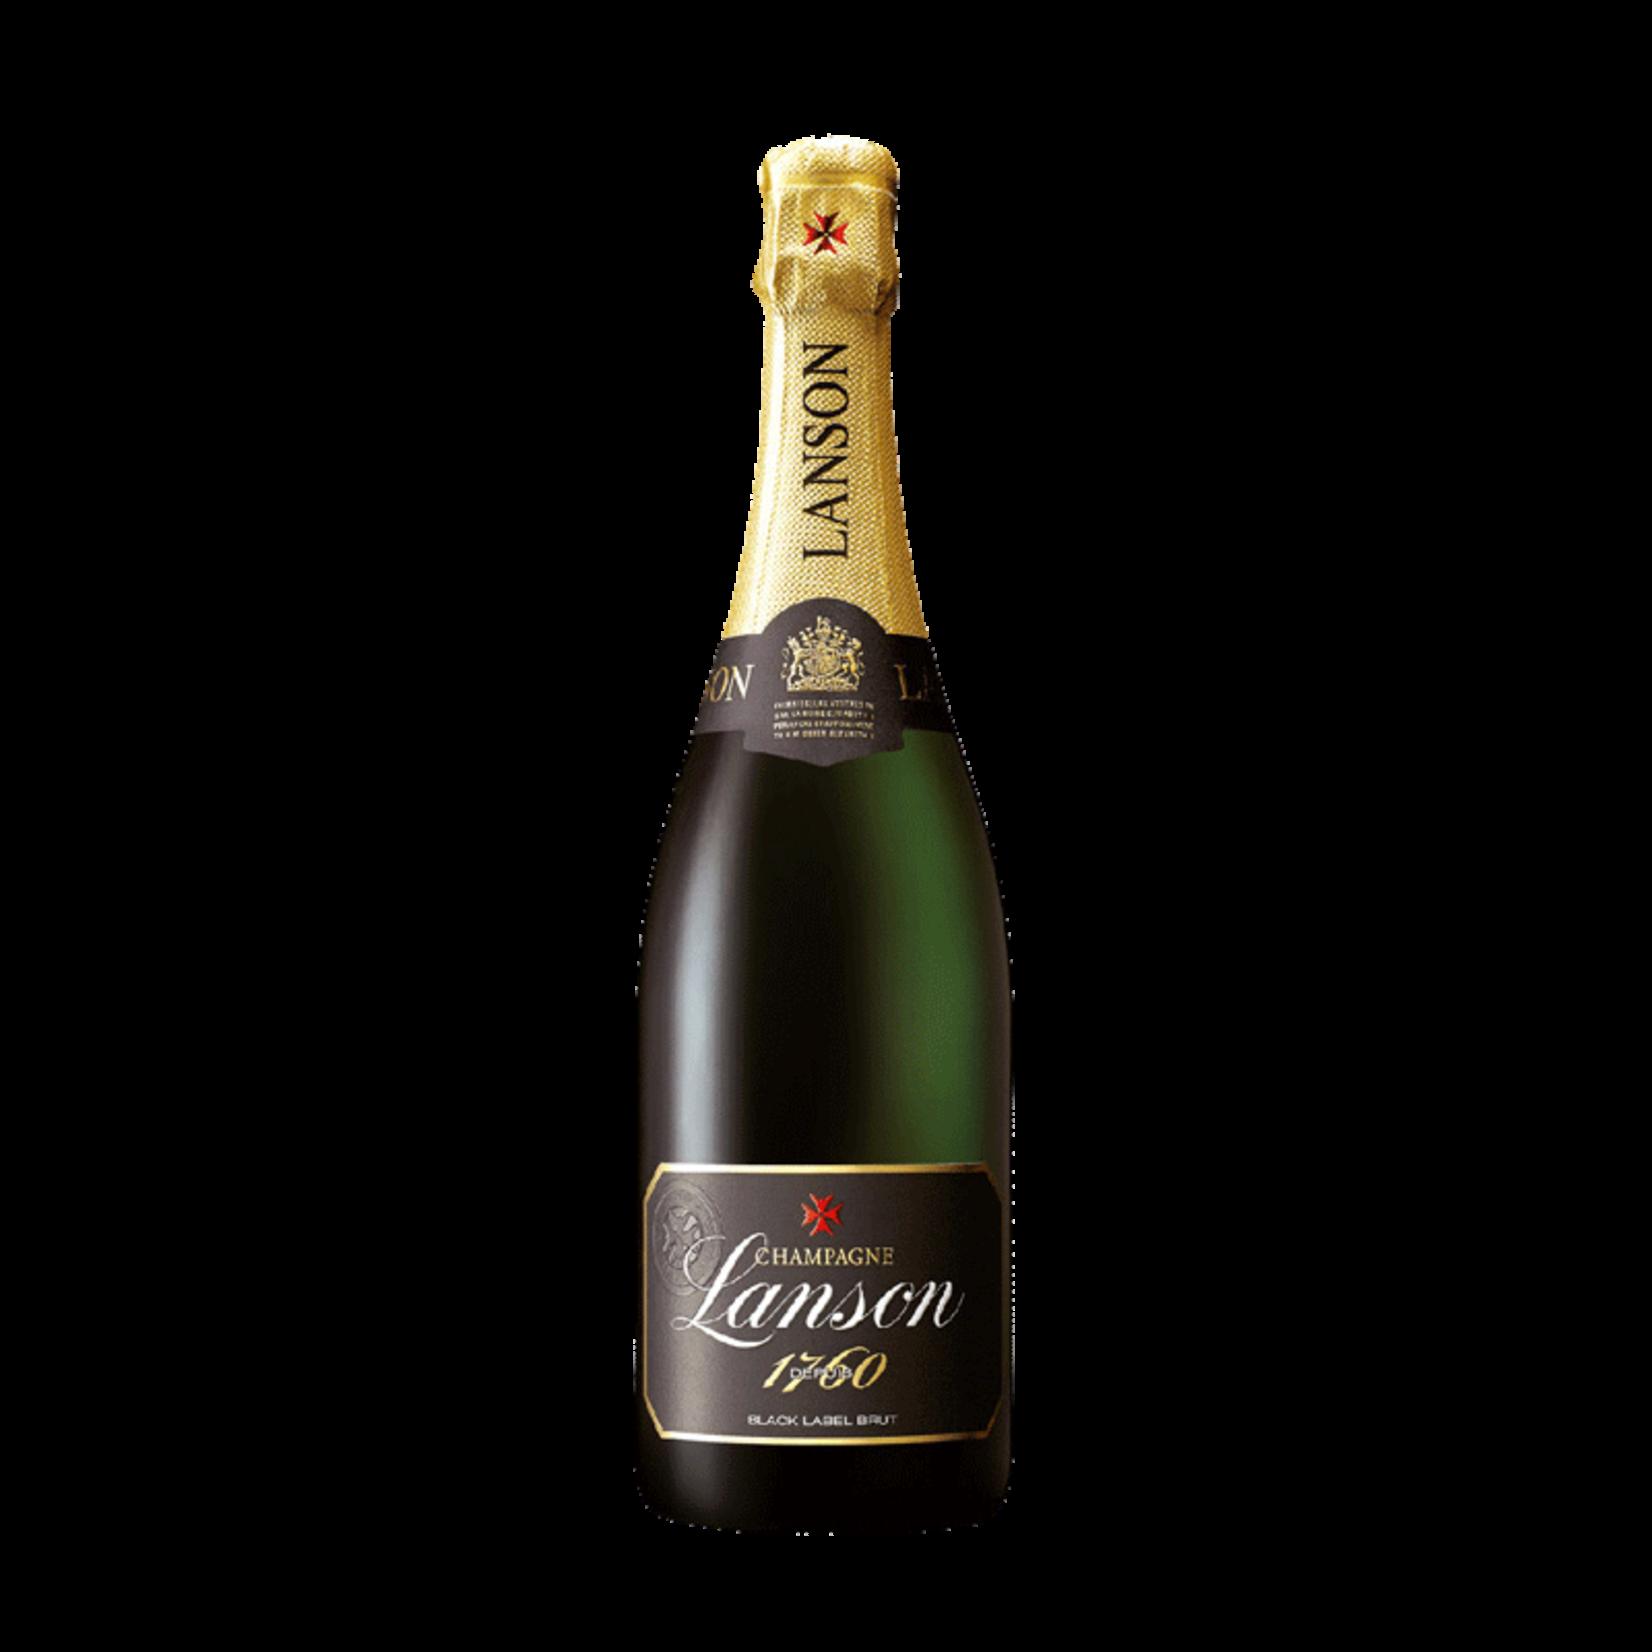 Sparkling Lanson Black Label Brut Champagne NV